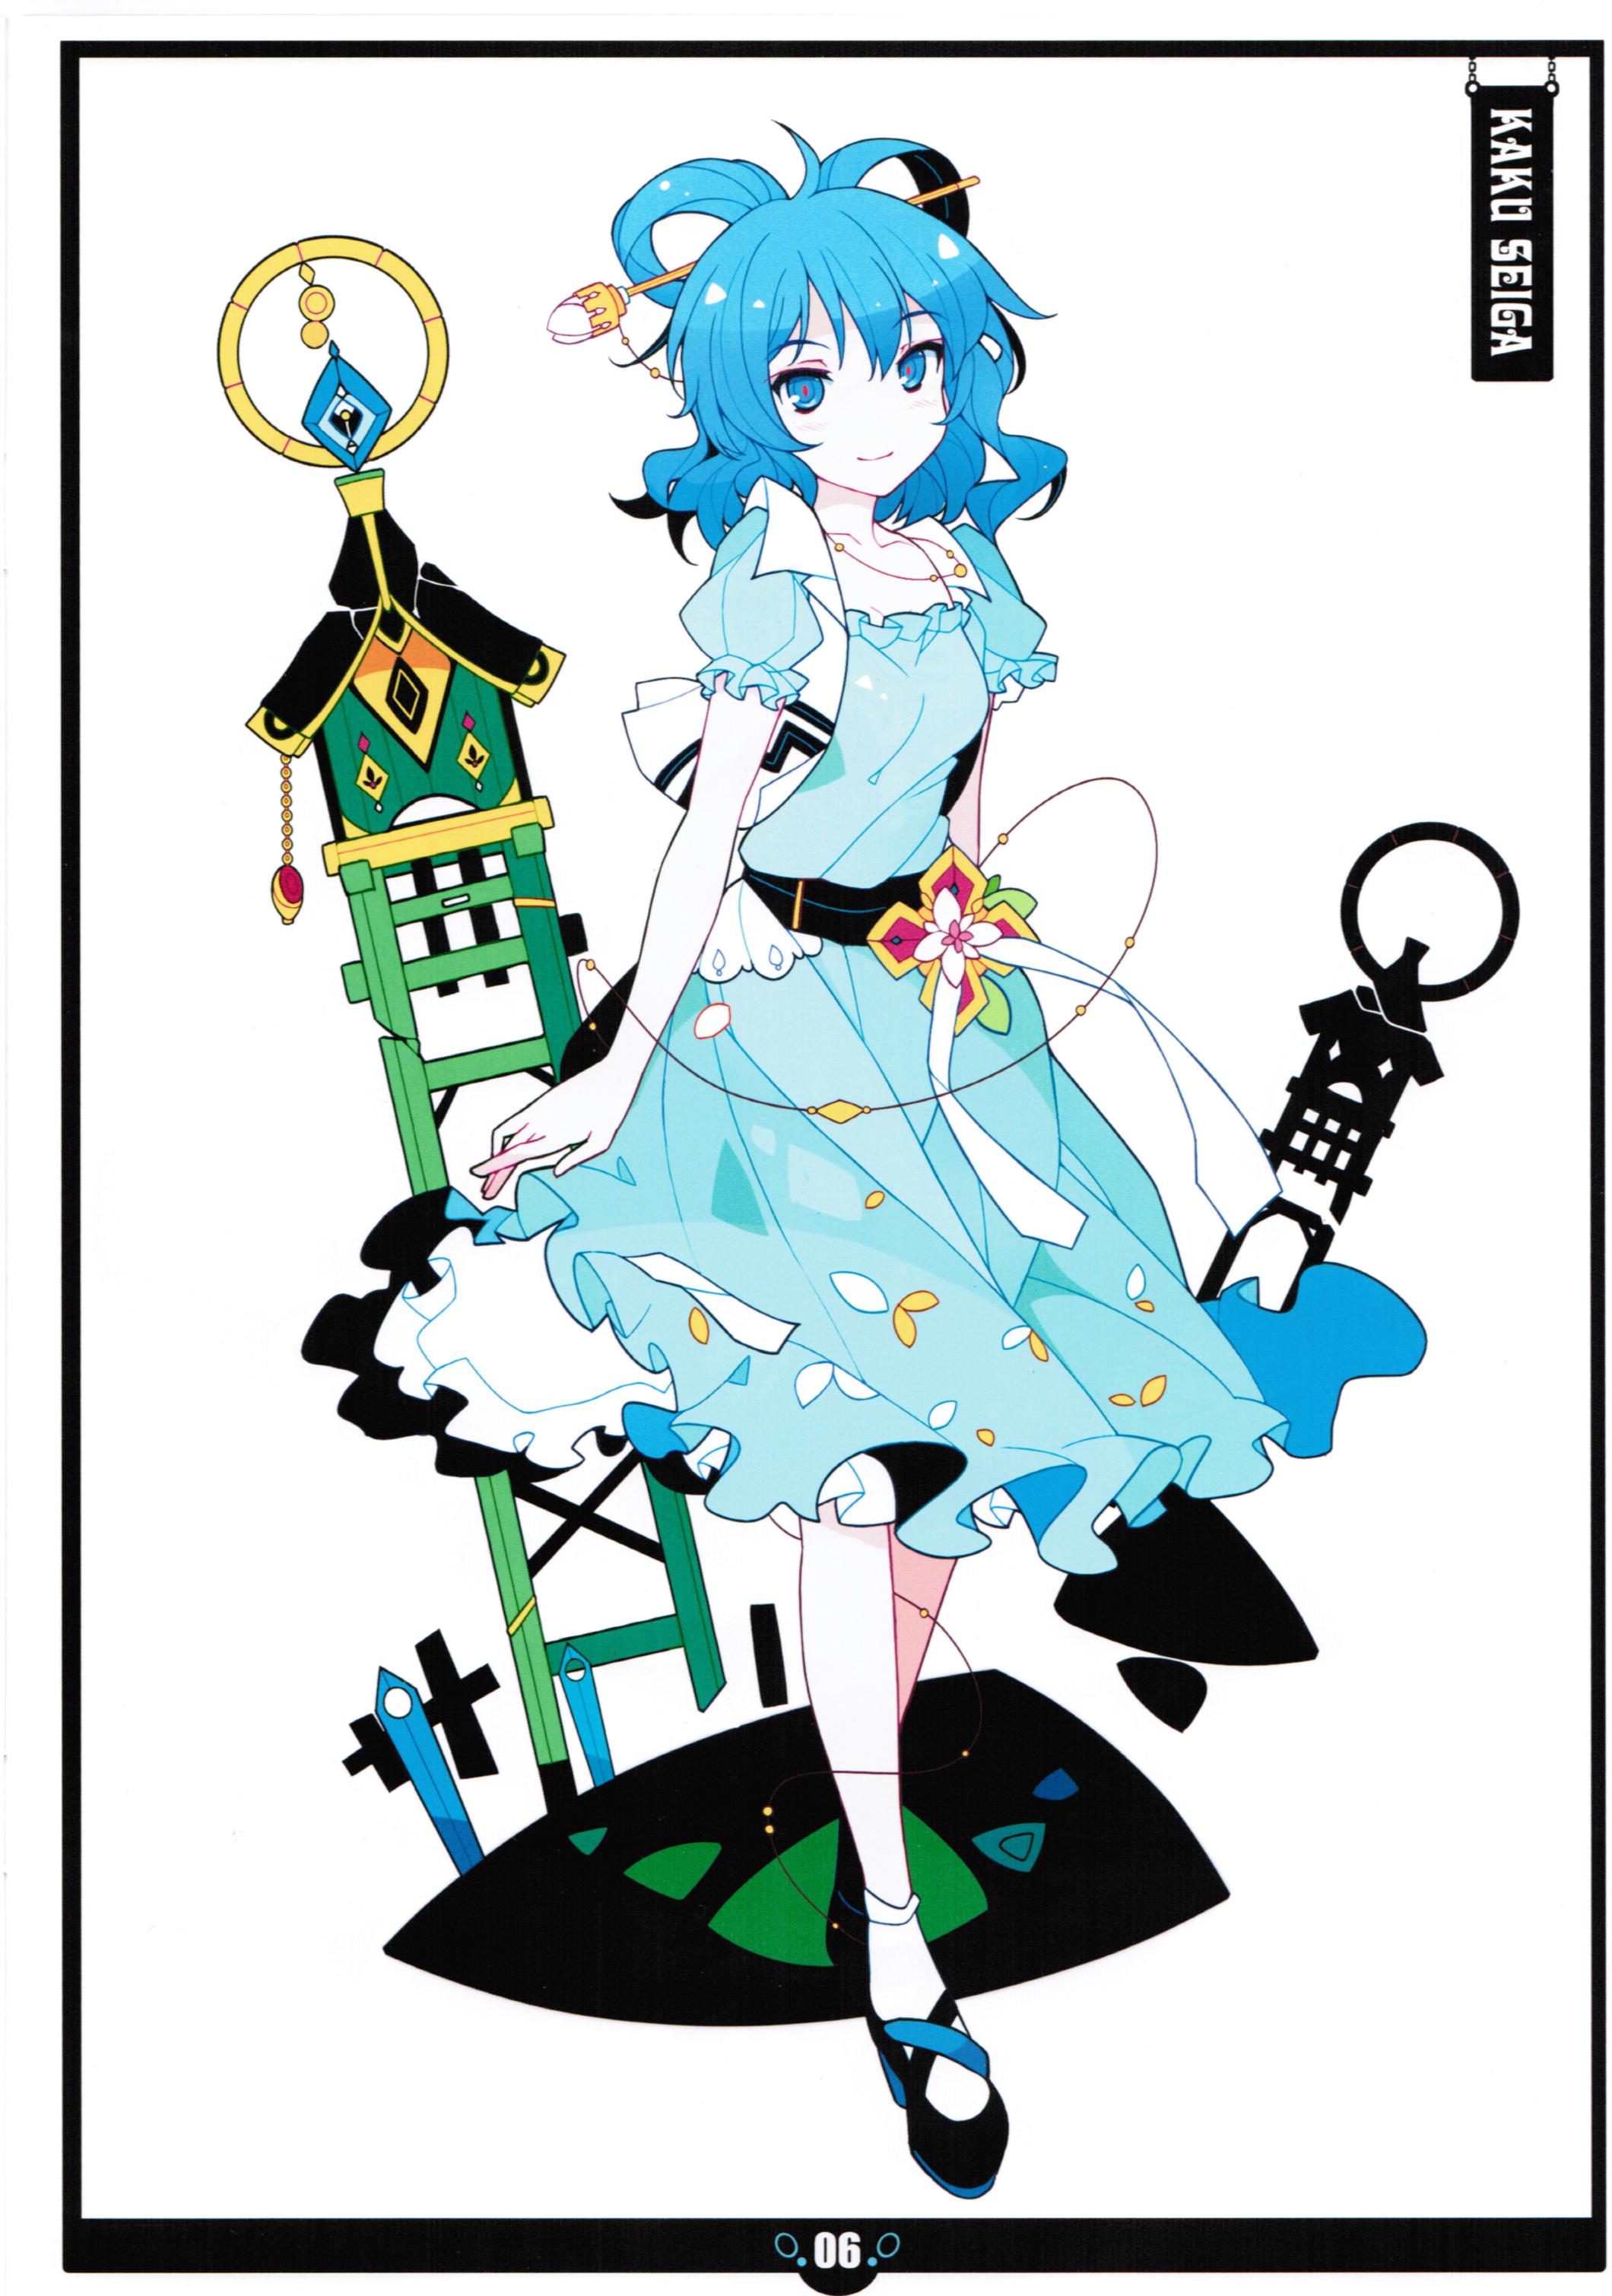 Touhou Project - Страница 28 7404e43be294e047ecfff40256a367ec